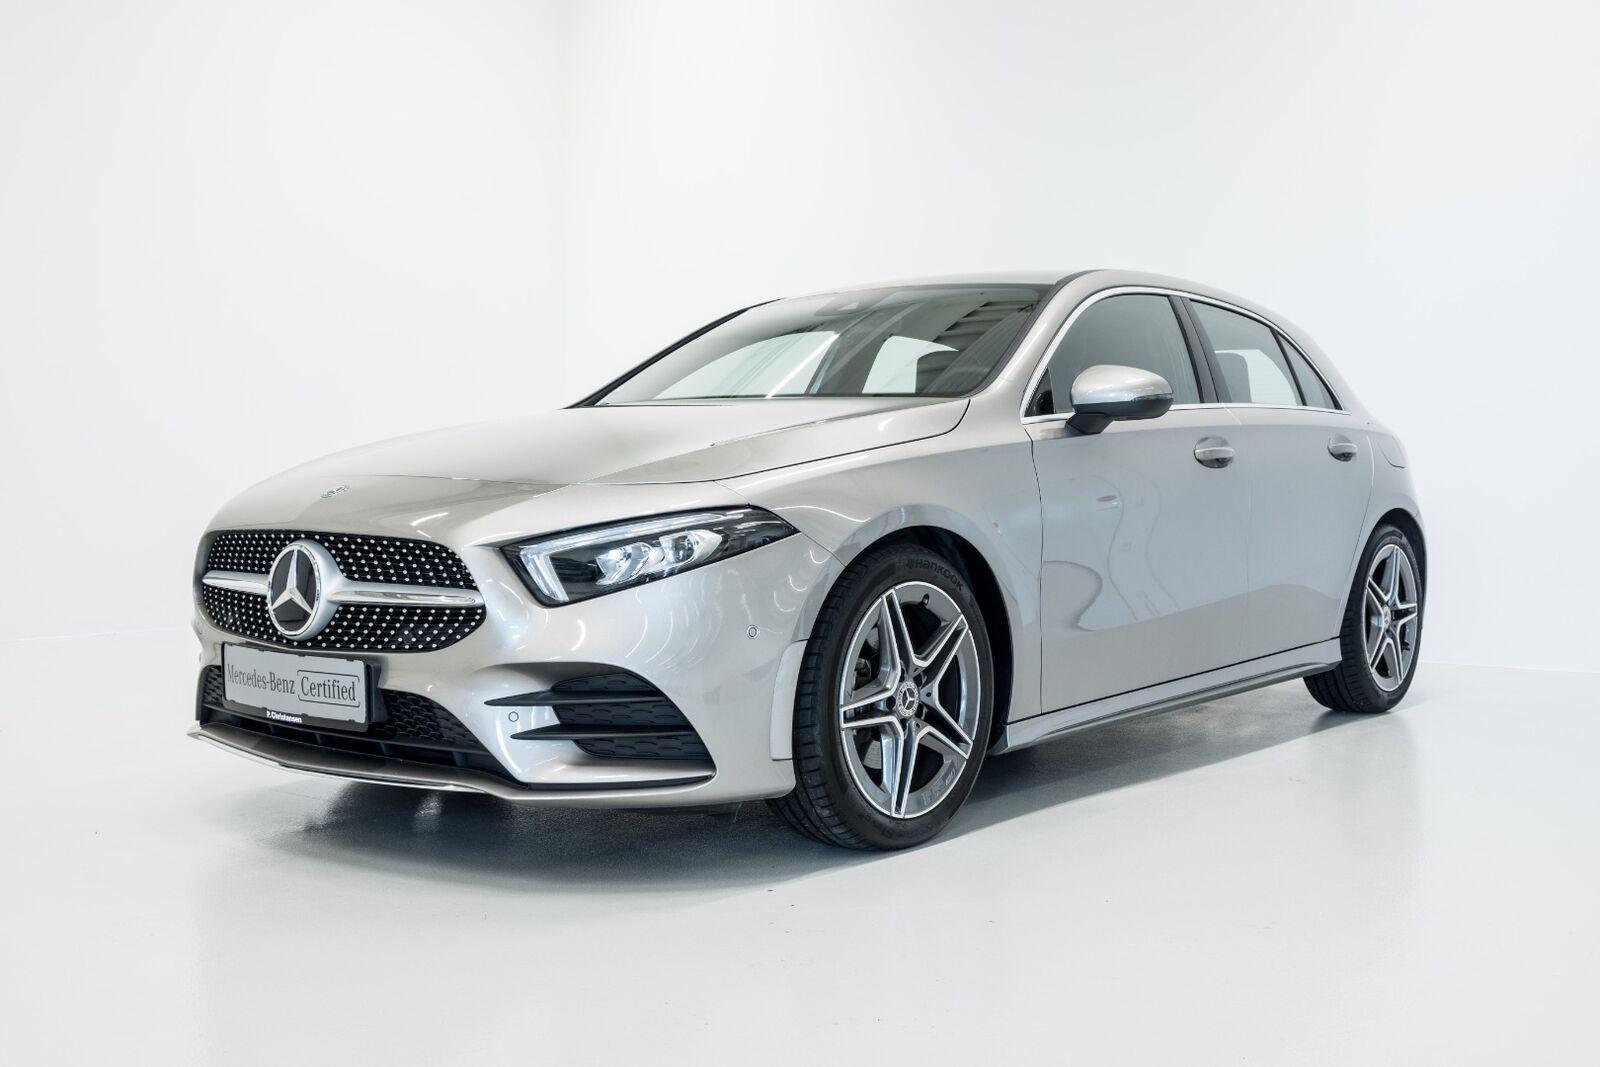 Mercedes A200 1,3 AMG Line aut. 5d - 349.900 kr.